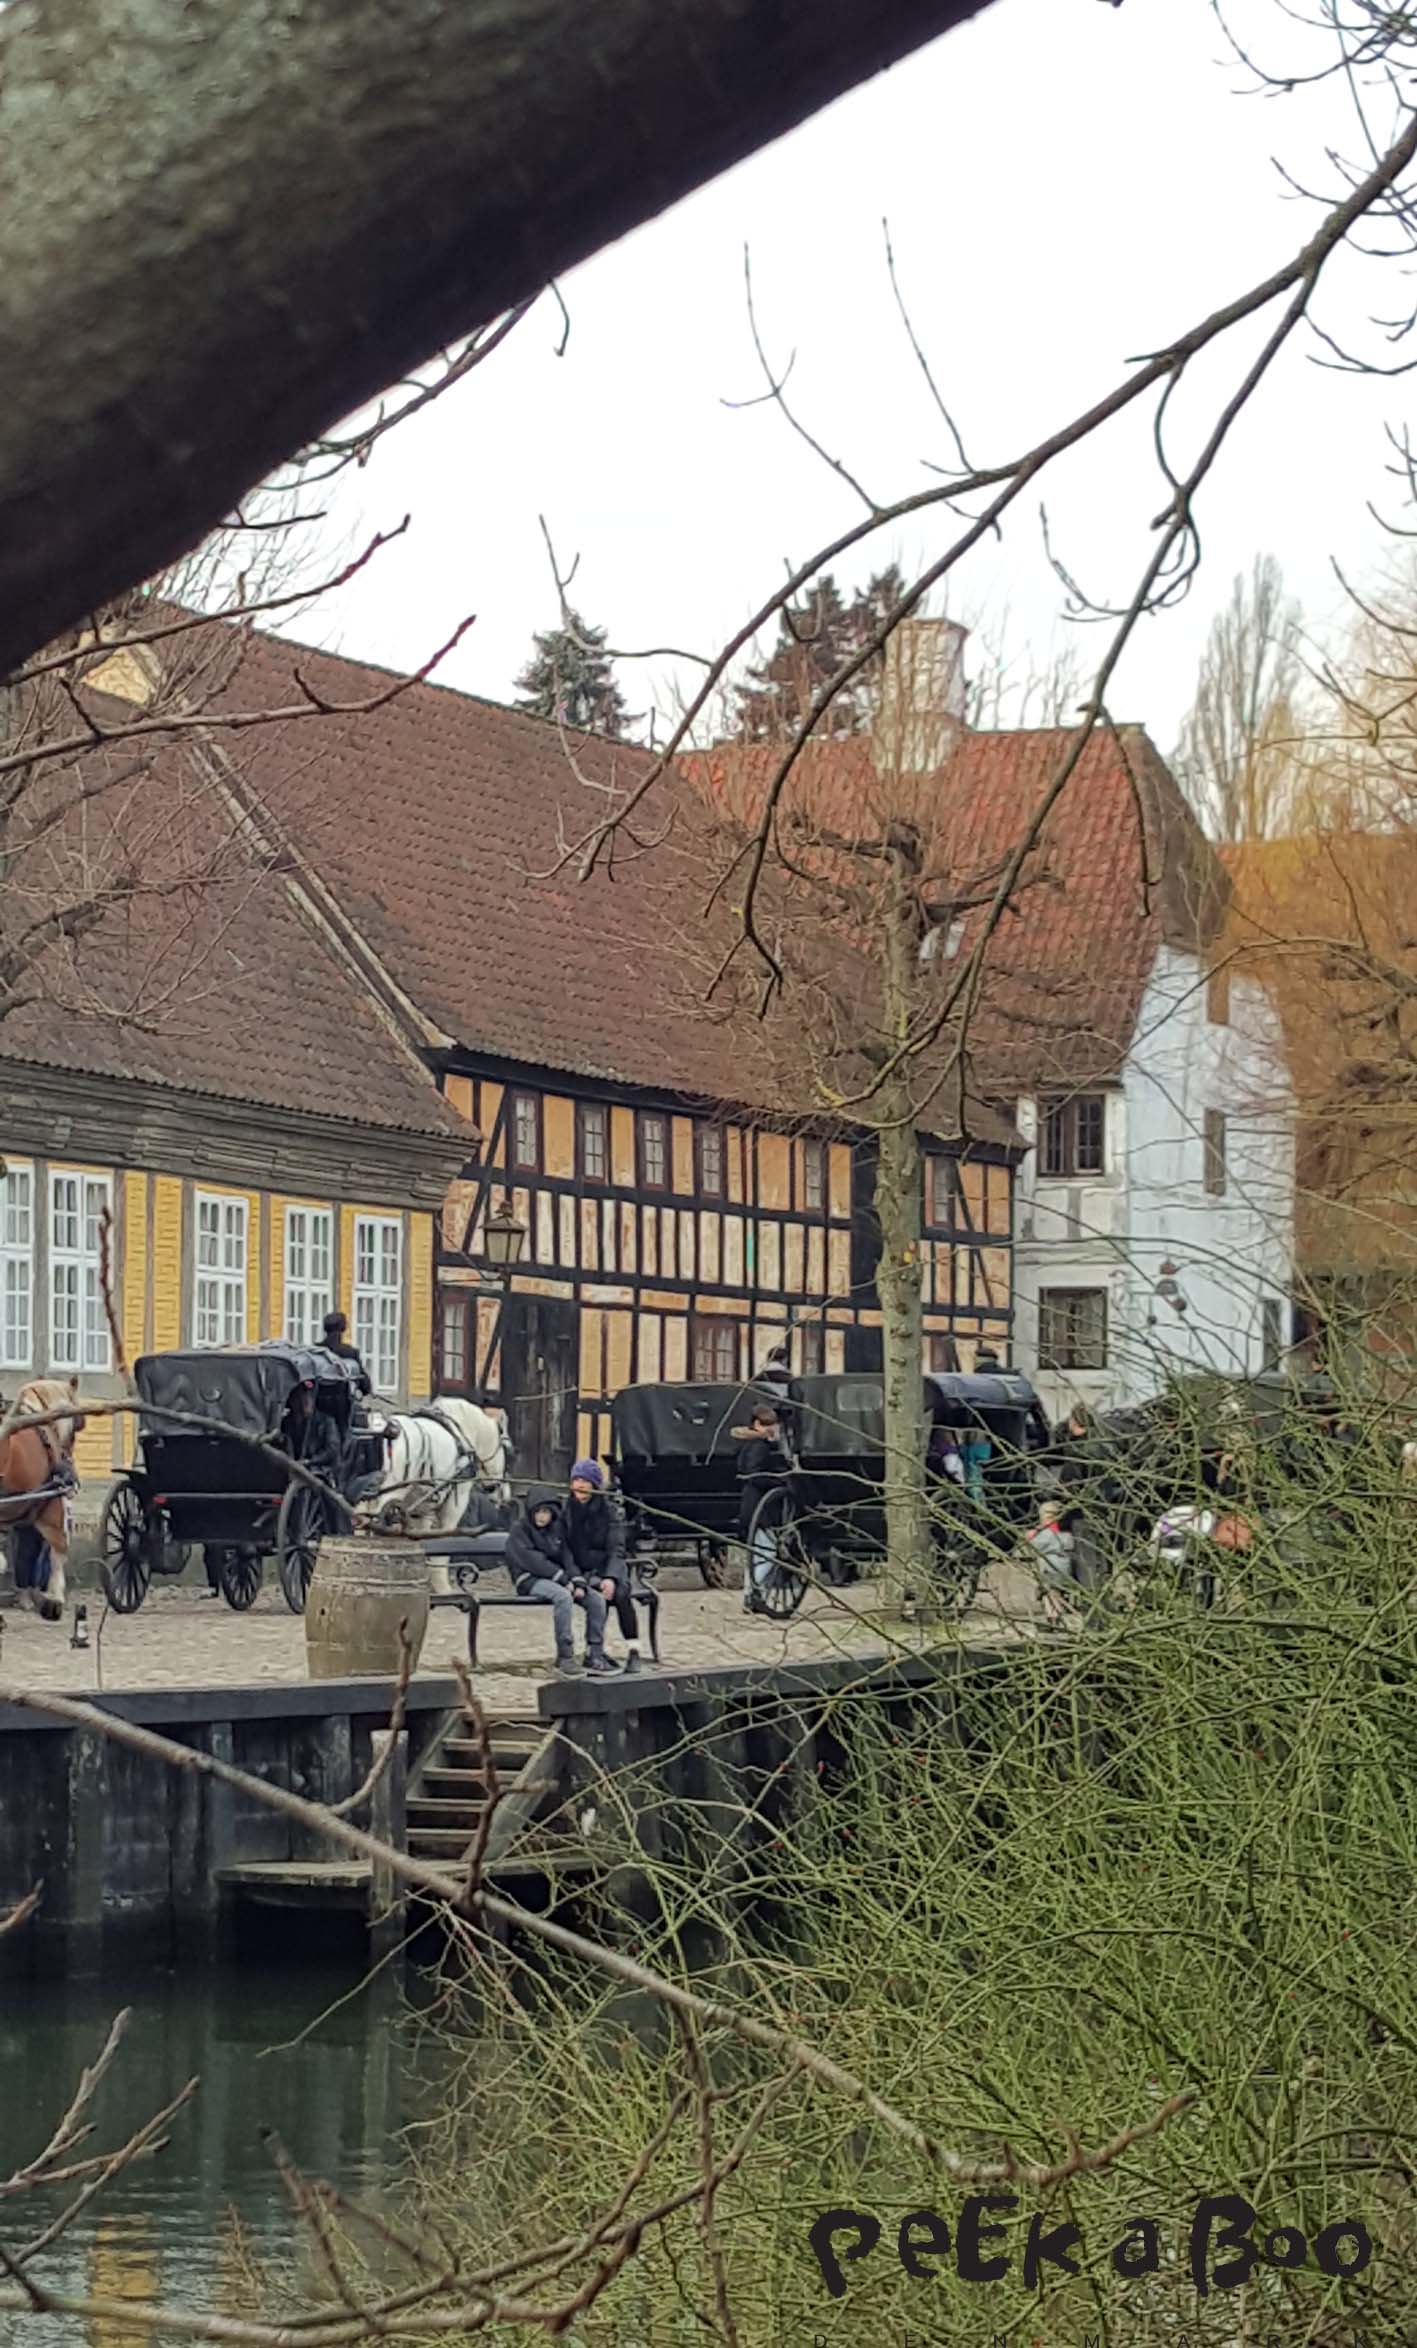 Den gamle by i Århus, Denmark.